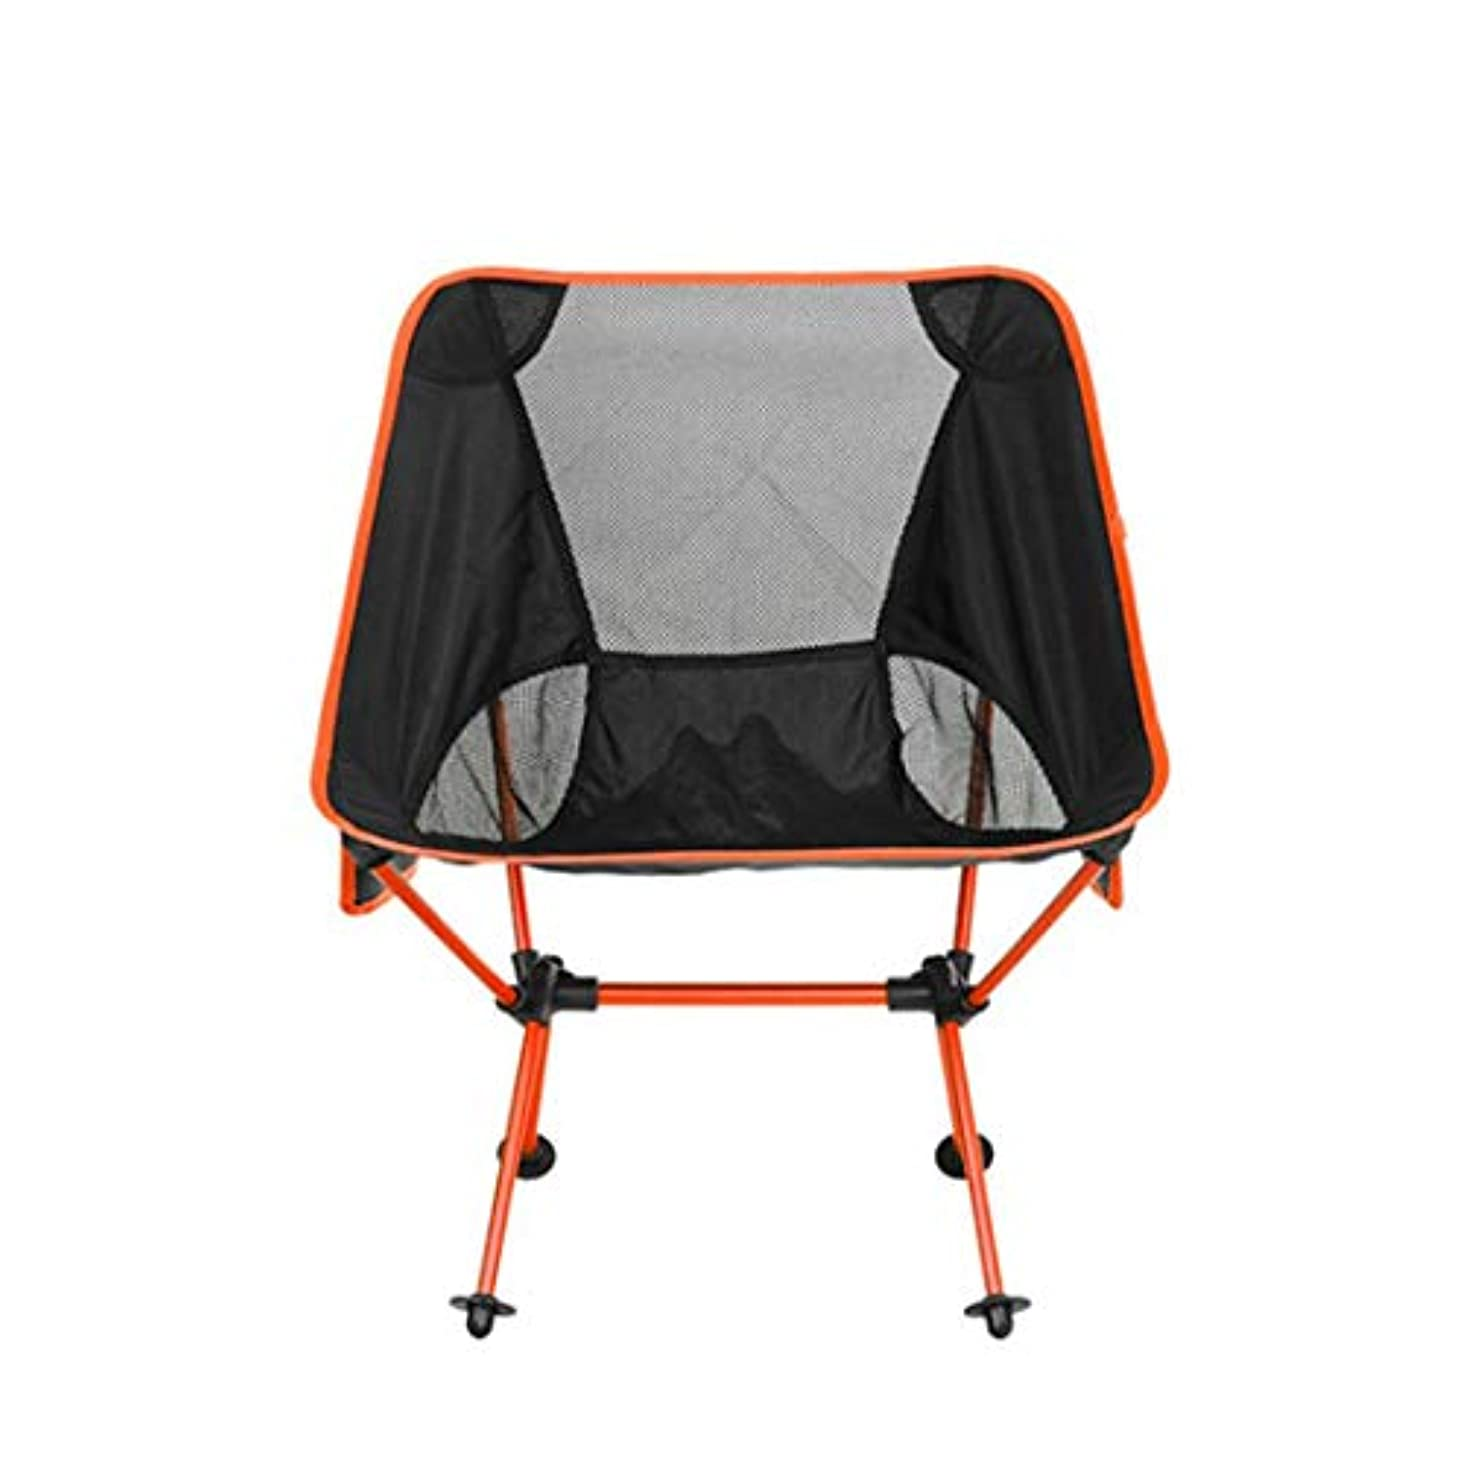 降伏評決ウサギ多機能屋外ピクニックサイドポケットオックスフォード布アルミ折りたたみチェア、ライトブルー (Color : オレンジ)